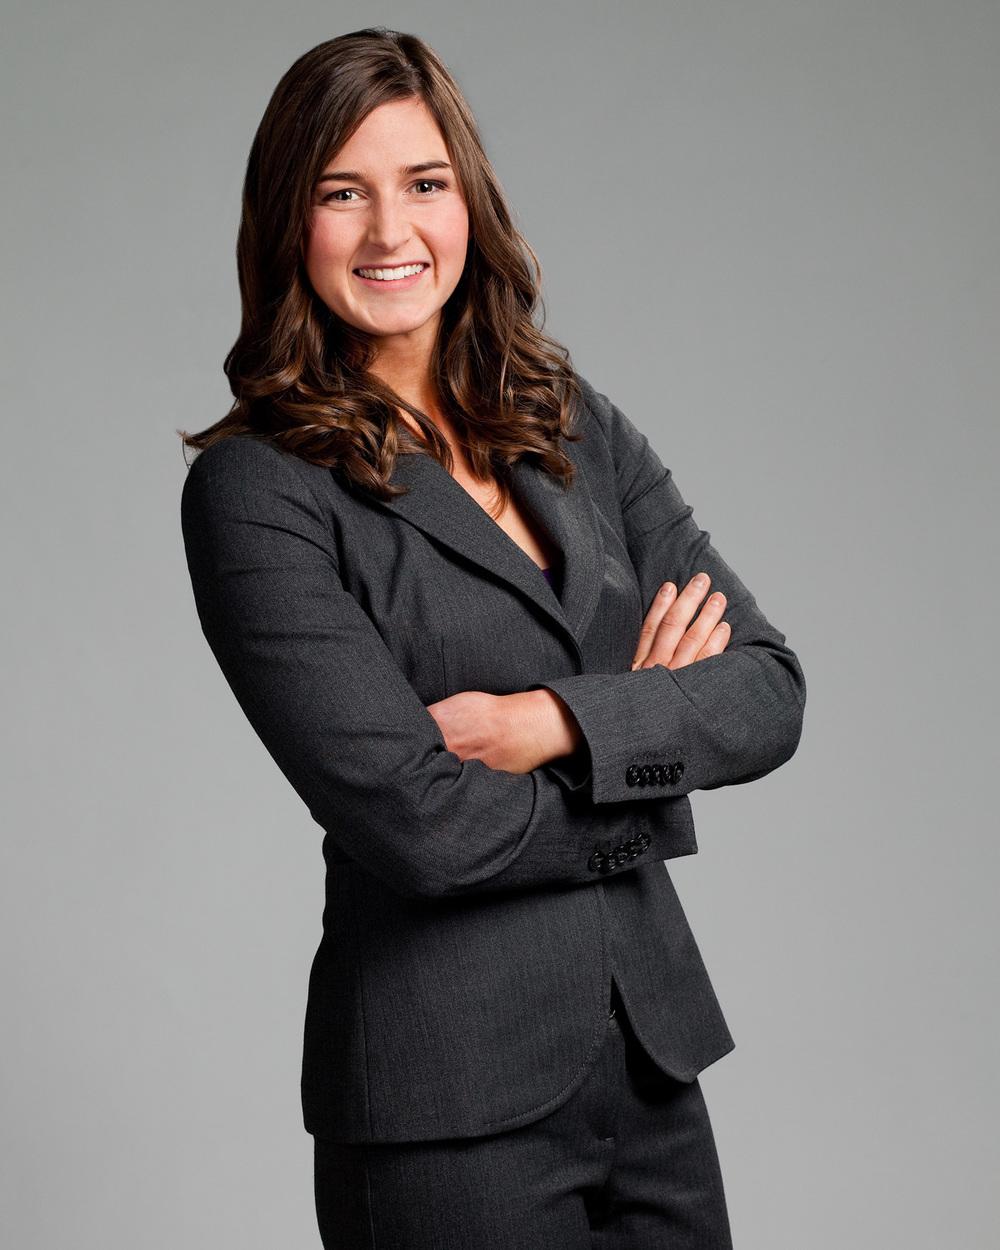 Theresa L